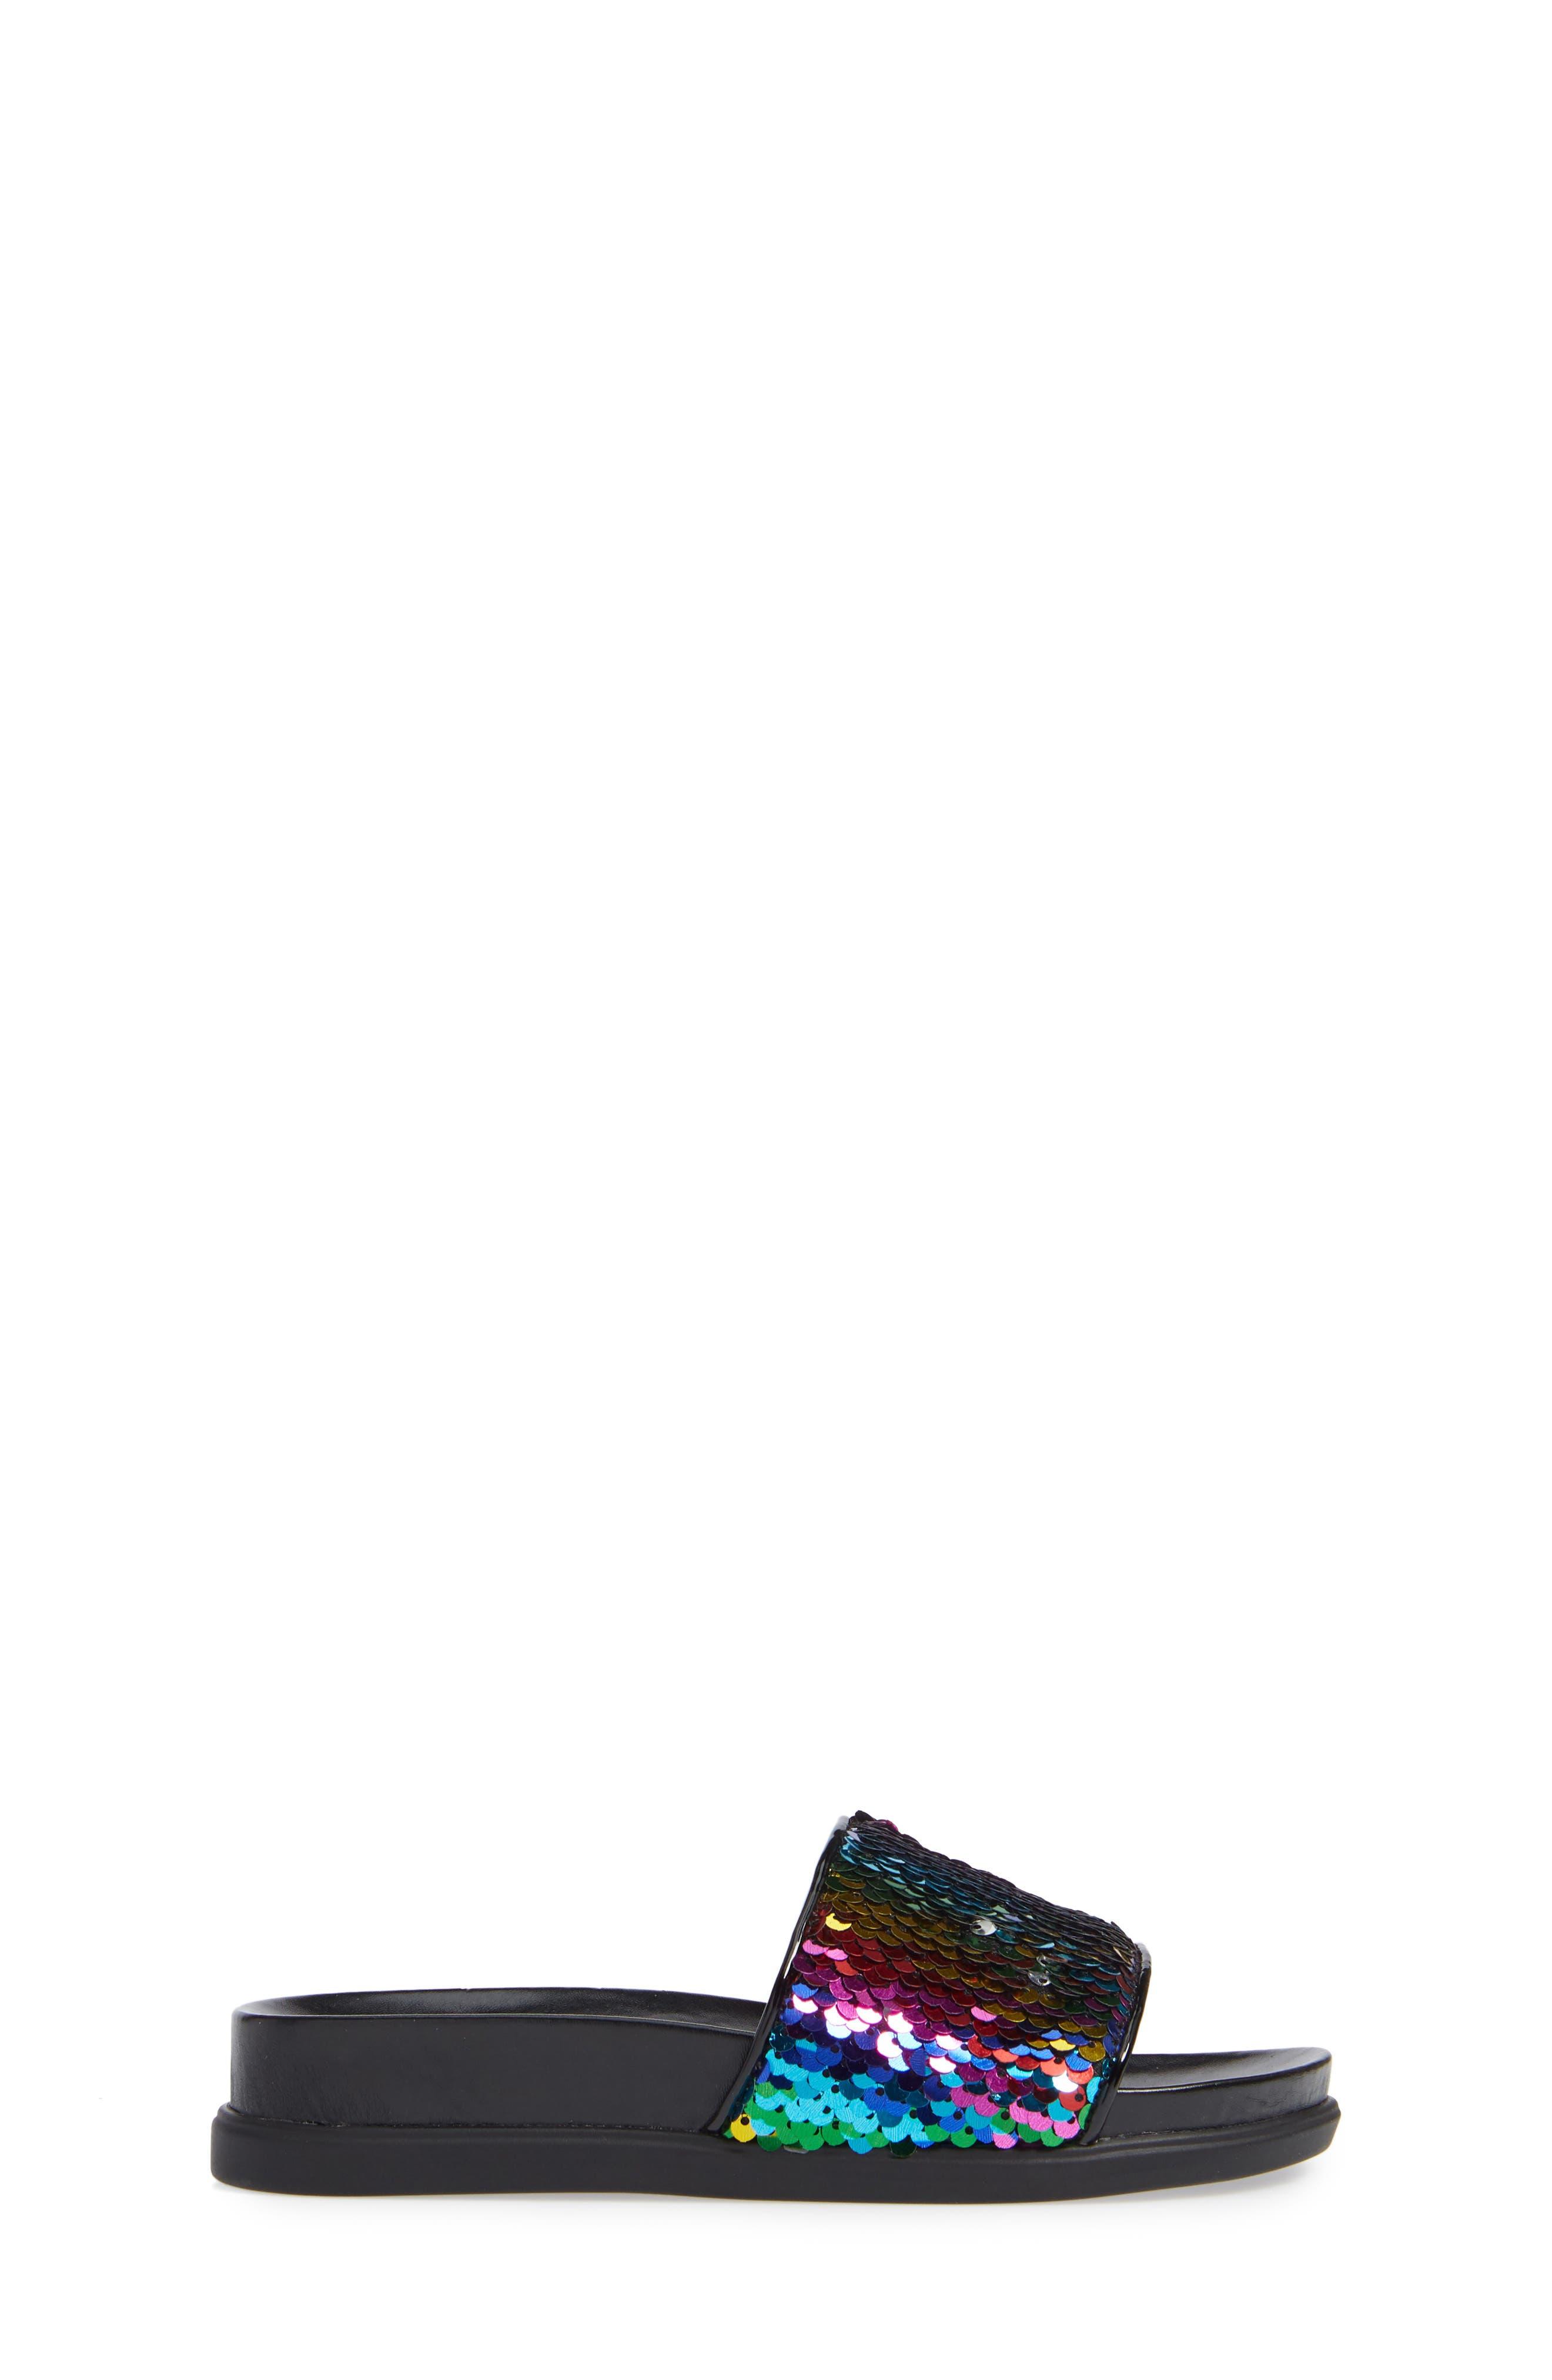 JFLIPS Slide Sandal,                             Alternate thumbnail 3, color,                             BLACK MULTI